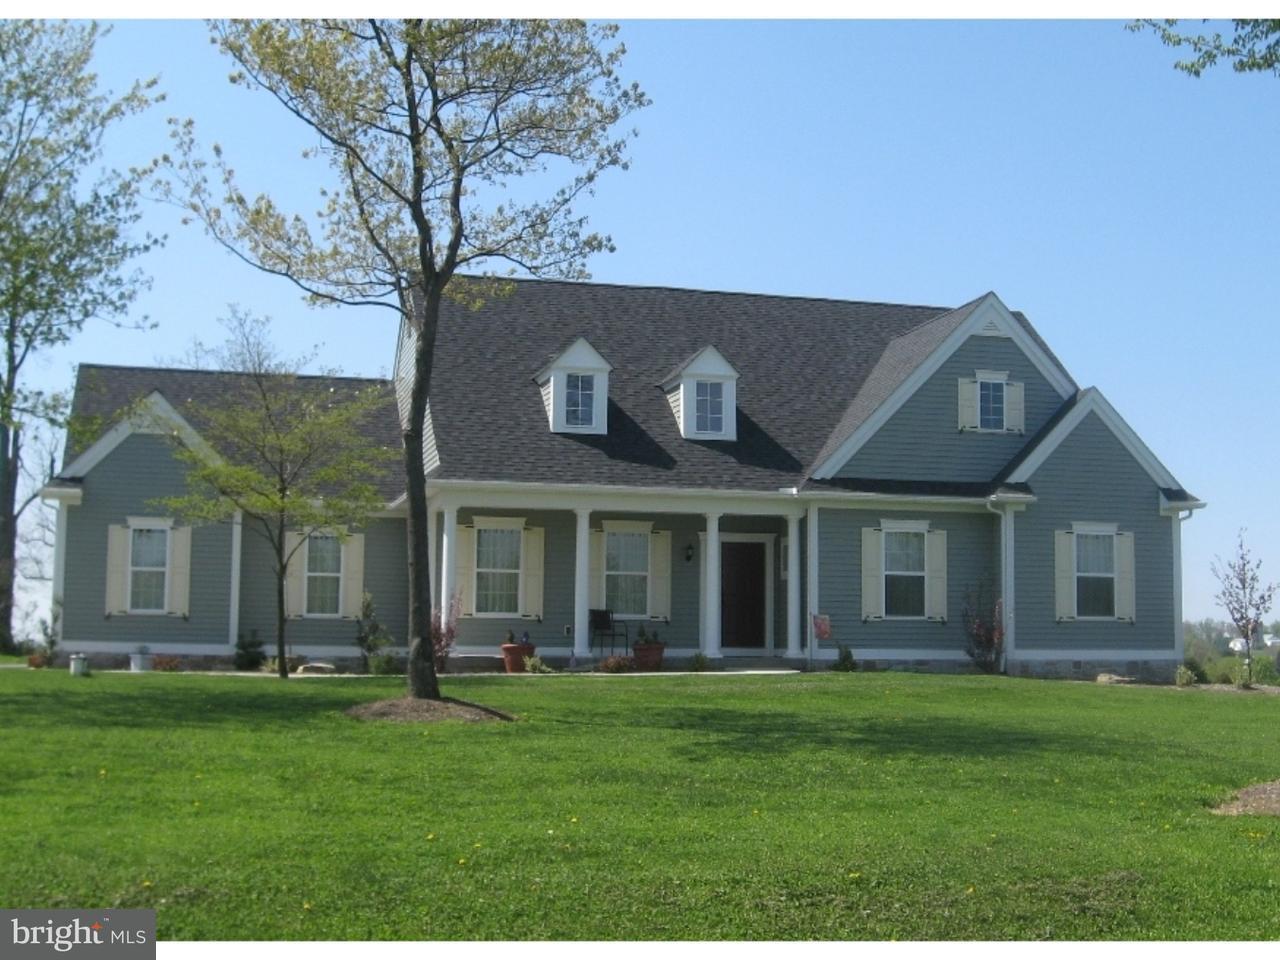 Частный односемейный дом для того Продажа на GREEN Lane Quarryville, Пенсильвания 17566 Соединенные Штаты